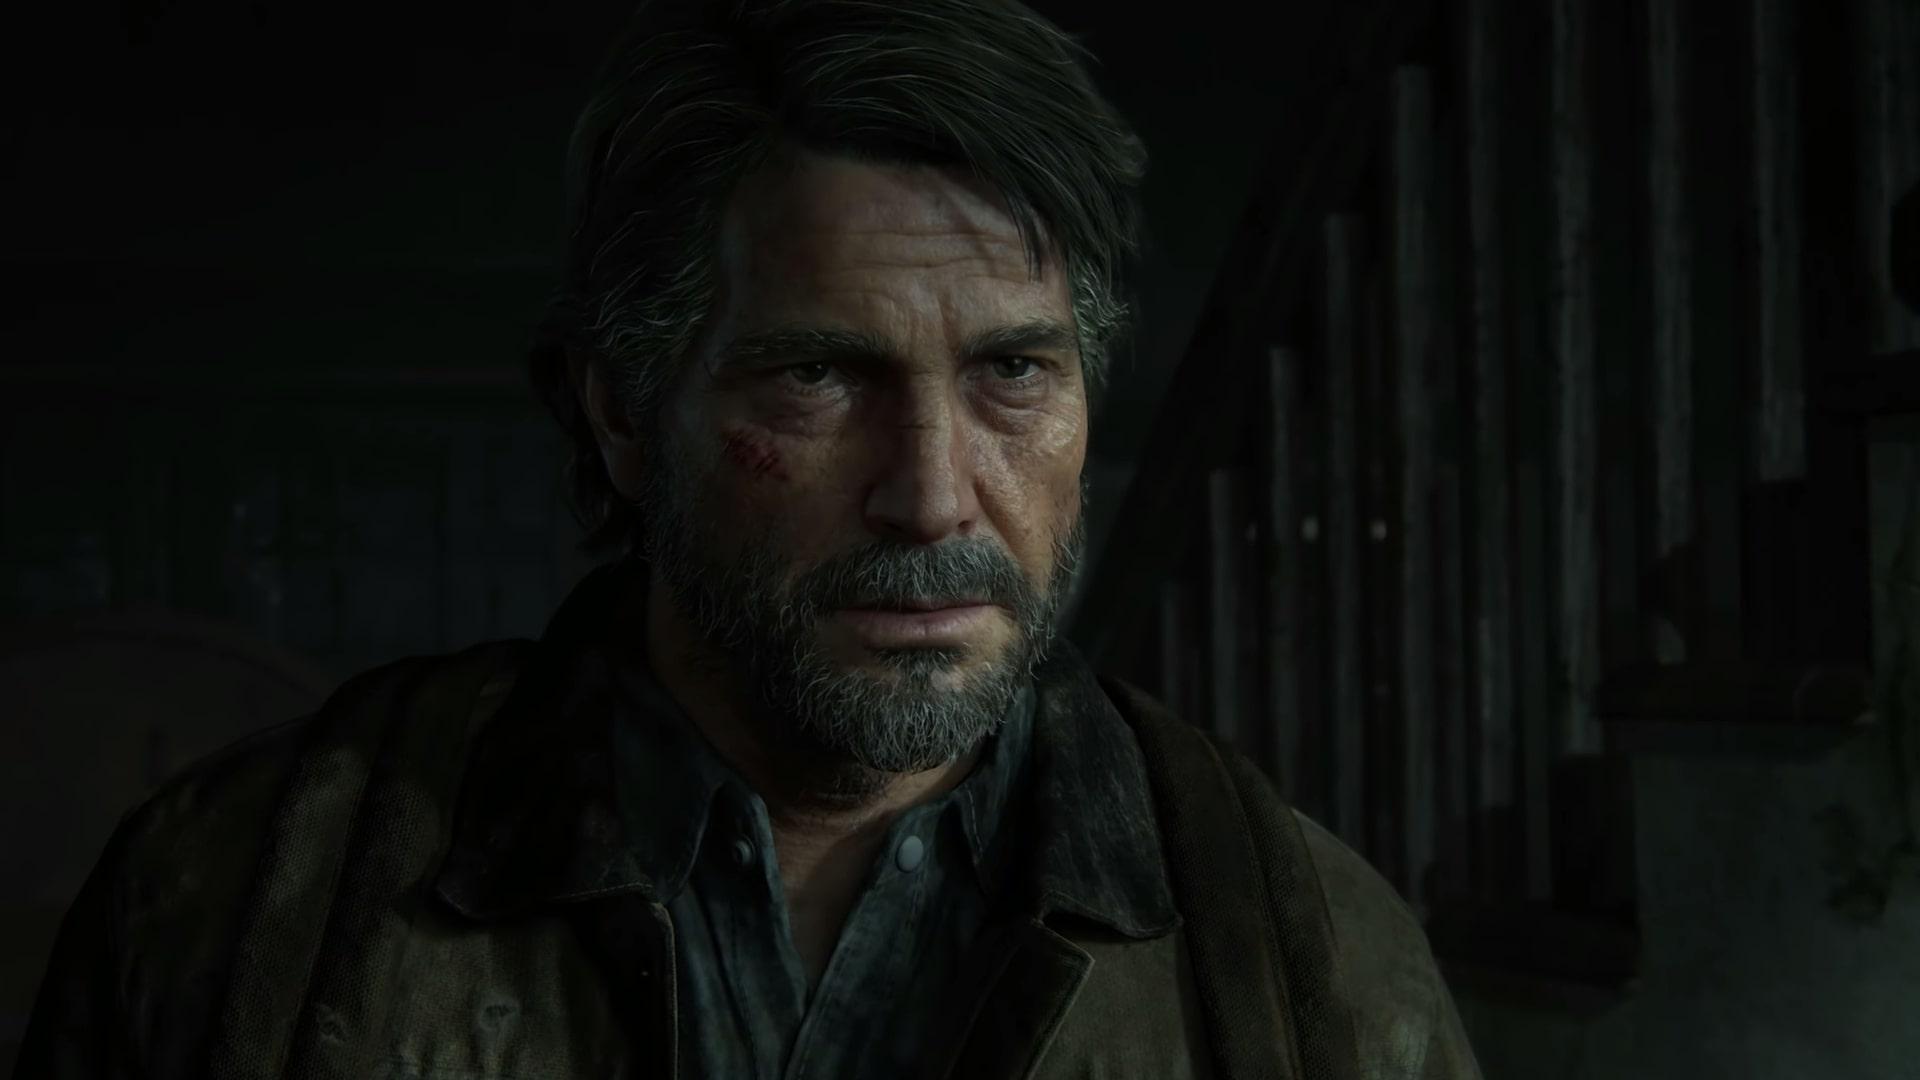 Joel in The Last of Us Part 2